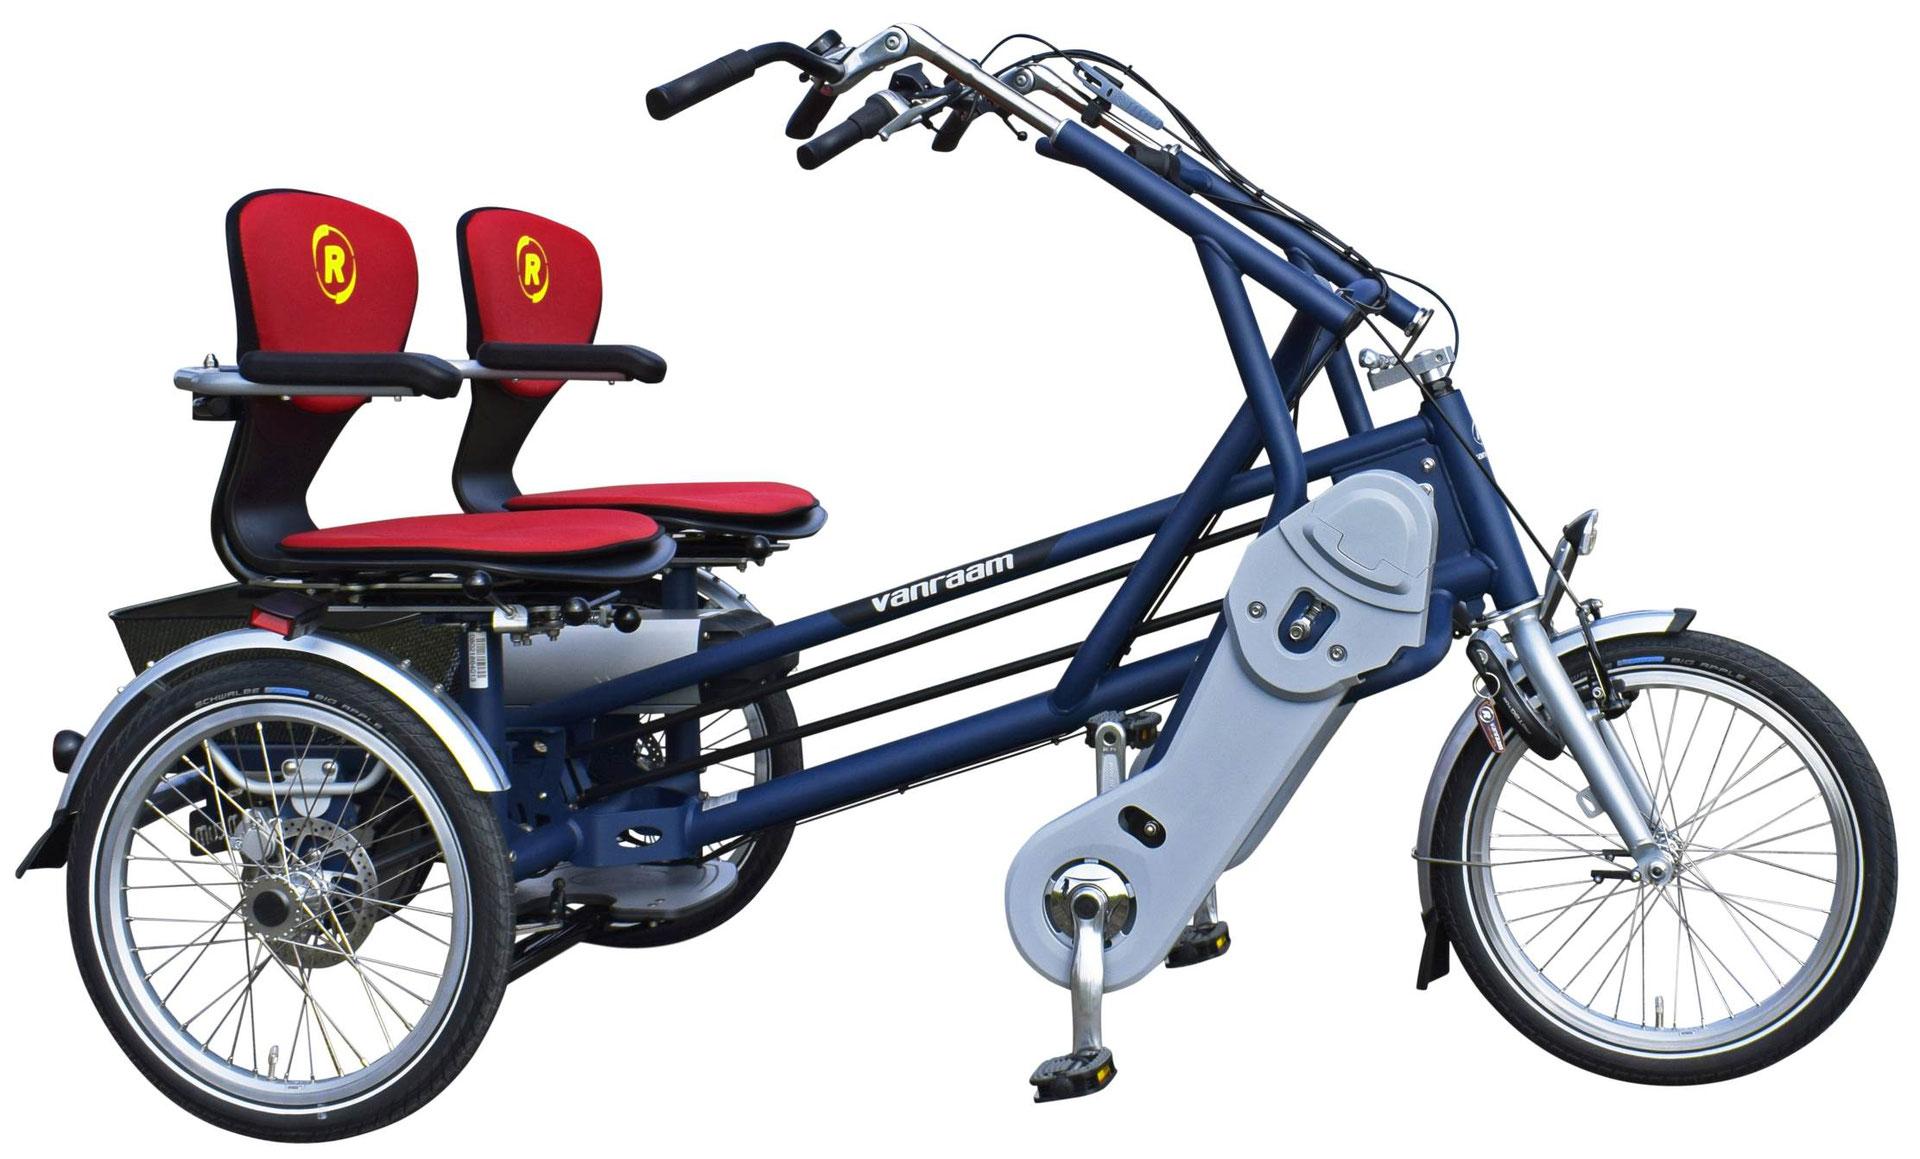 Gebraucht münchen kaufen für dreirad erwachsene Elektro Dreirad